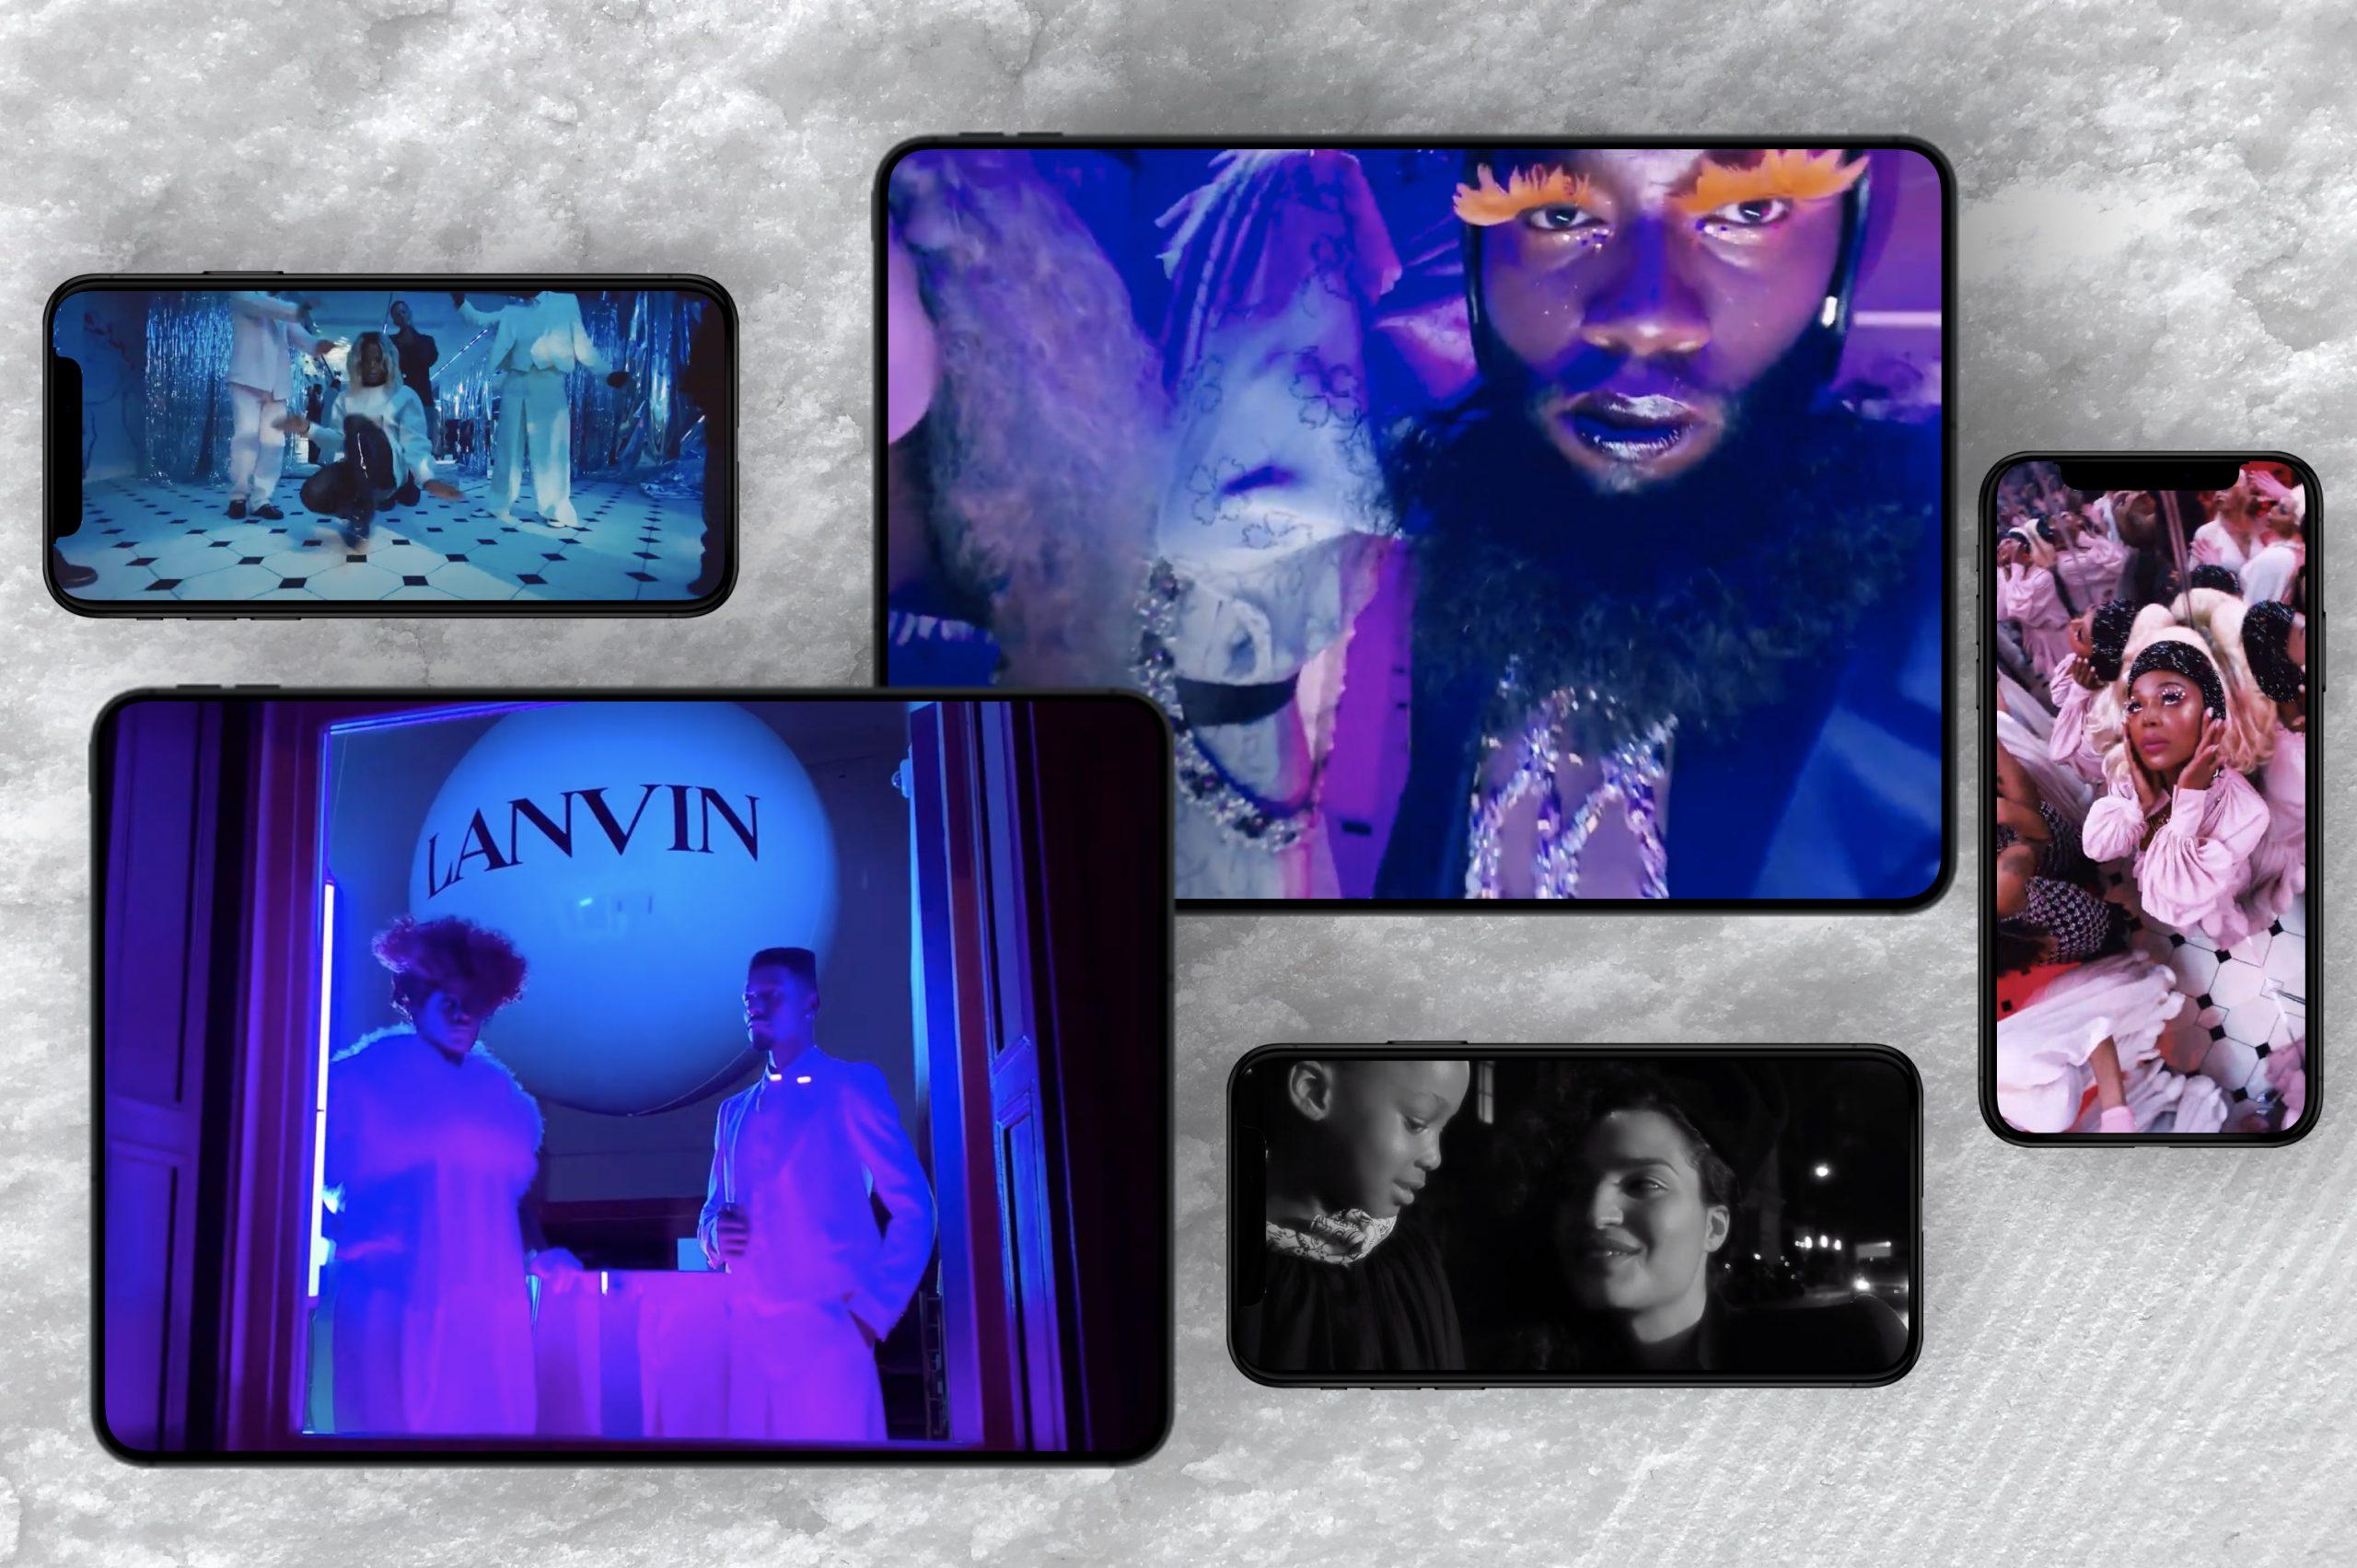 Lanvin Fall 2020 Ad Campaign Film